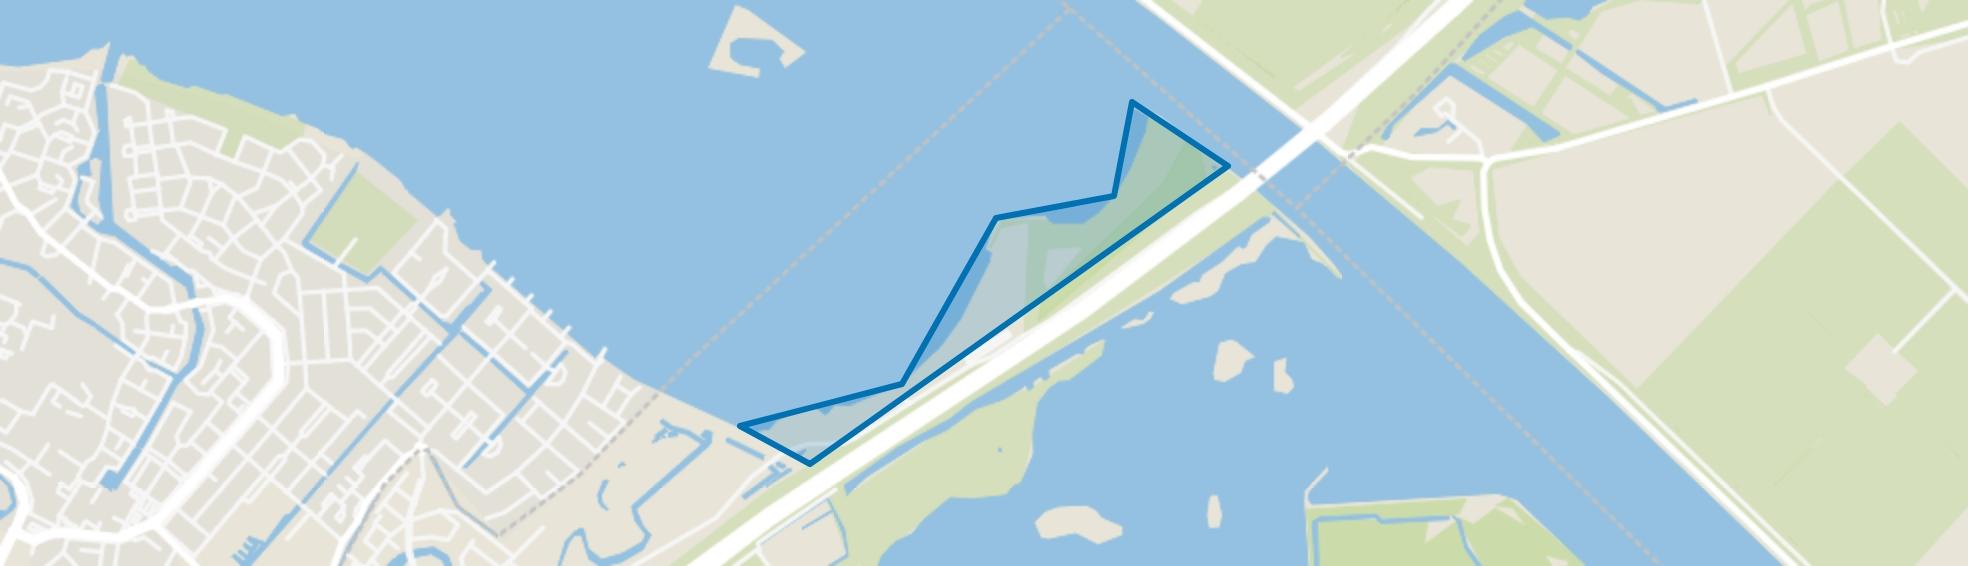 Stichtsebrug, Blaricum map